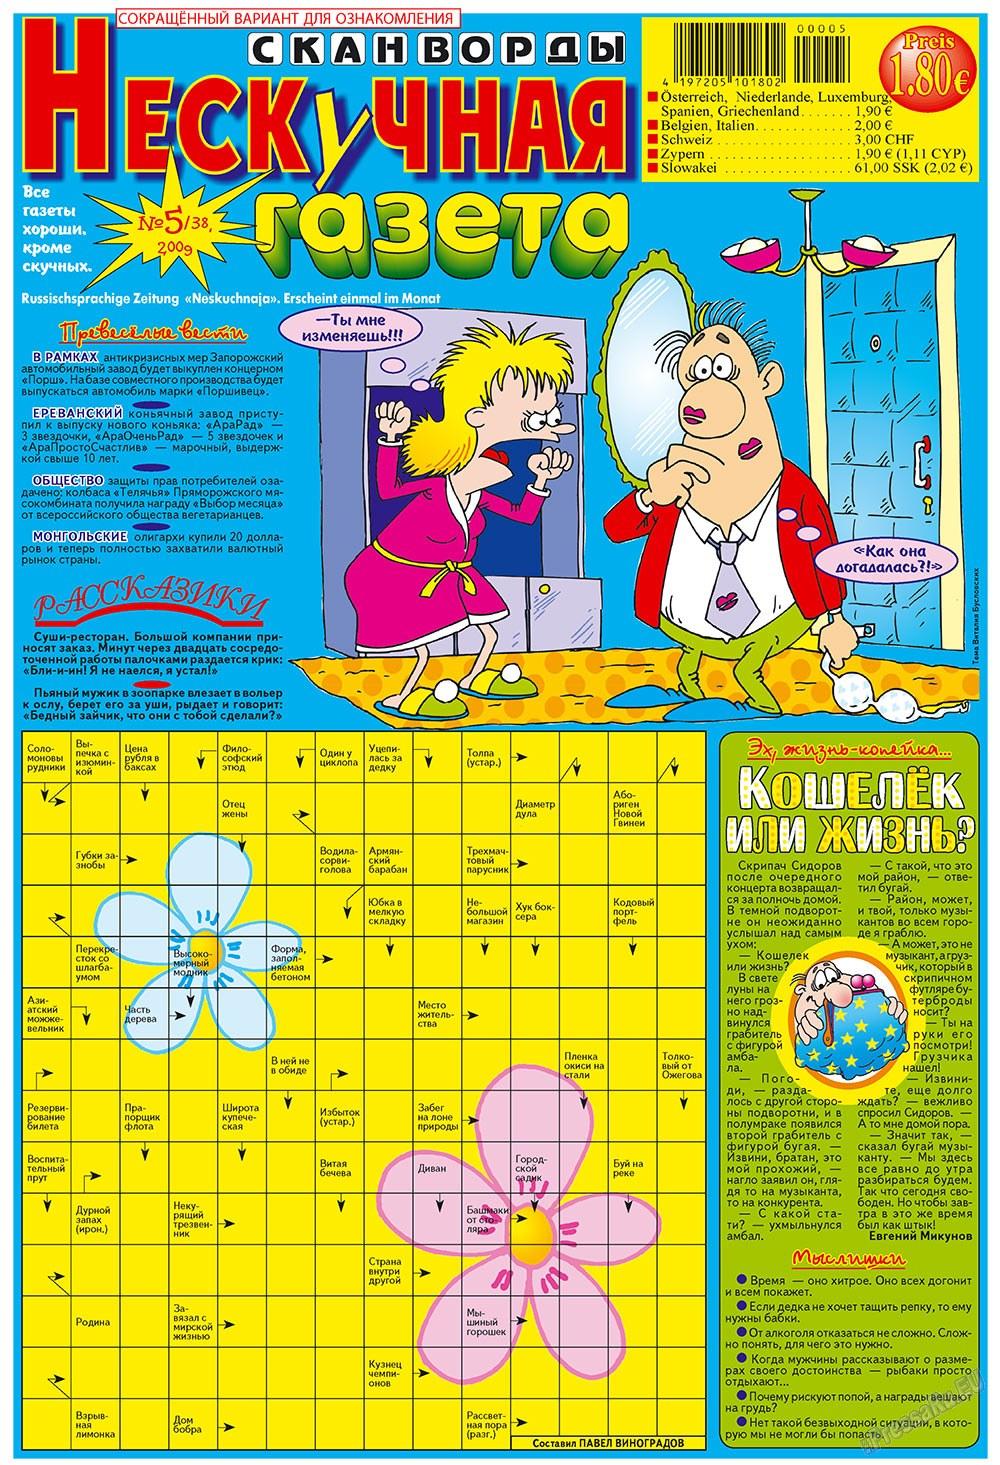 Нескучная газета (журнал). 2009 год, номер 5, стр. 1